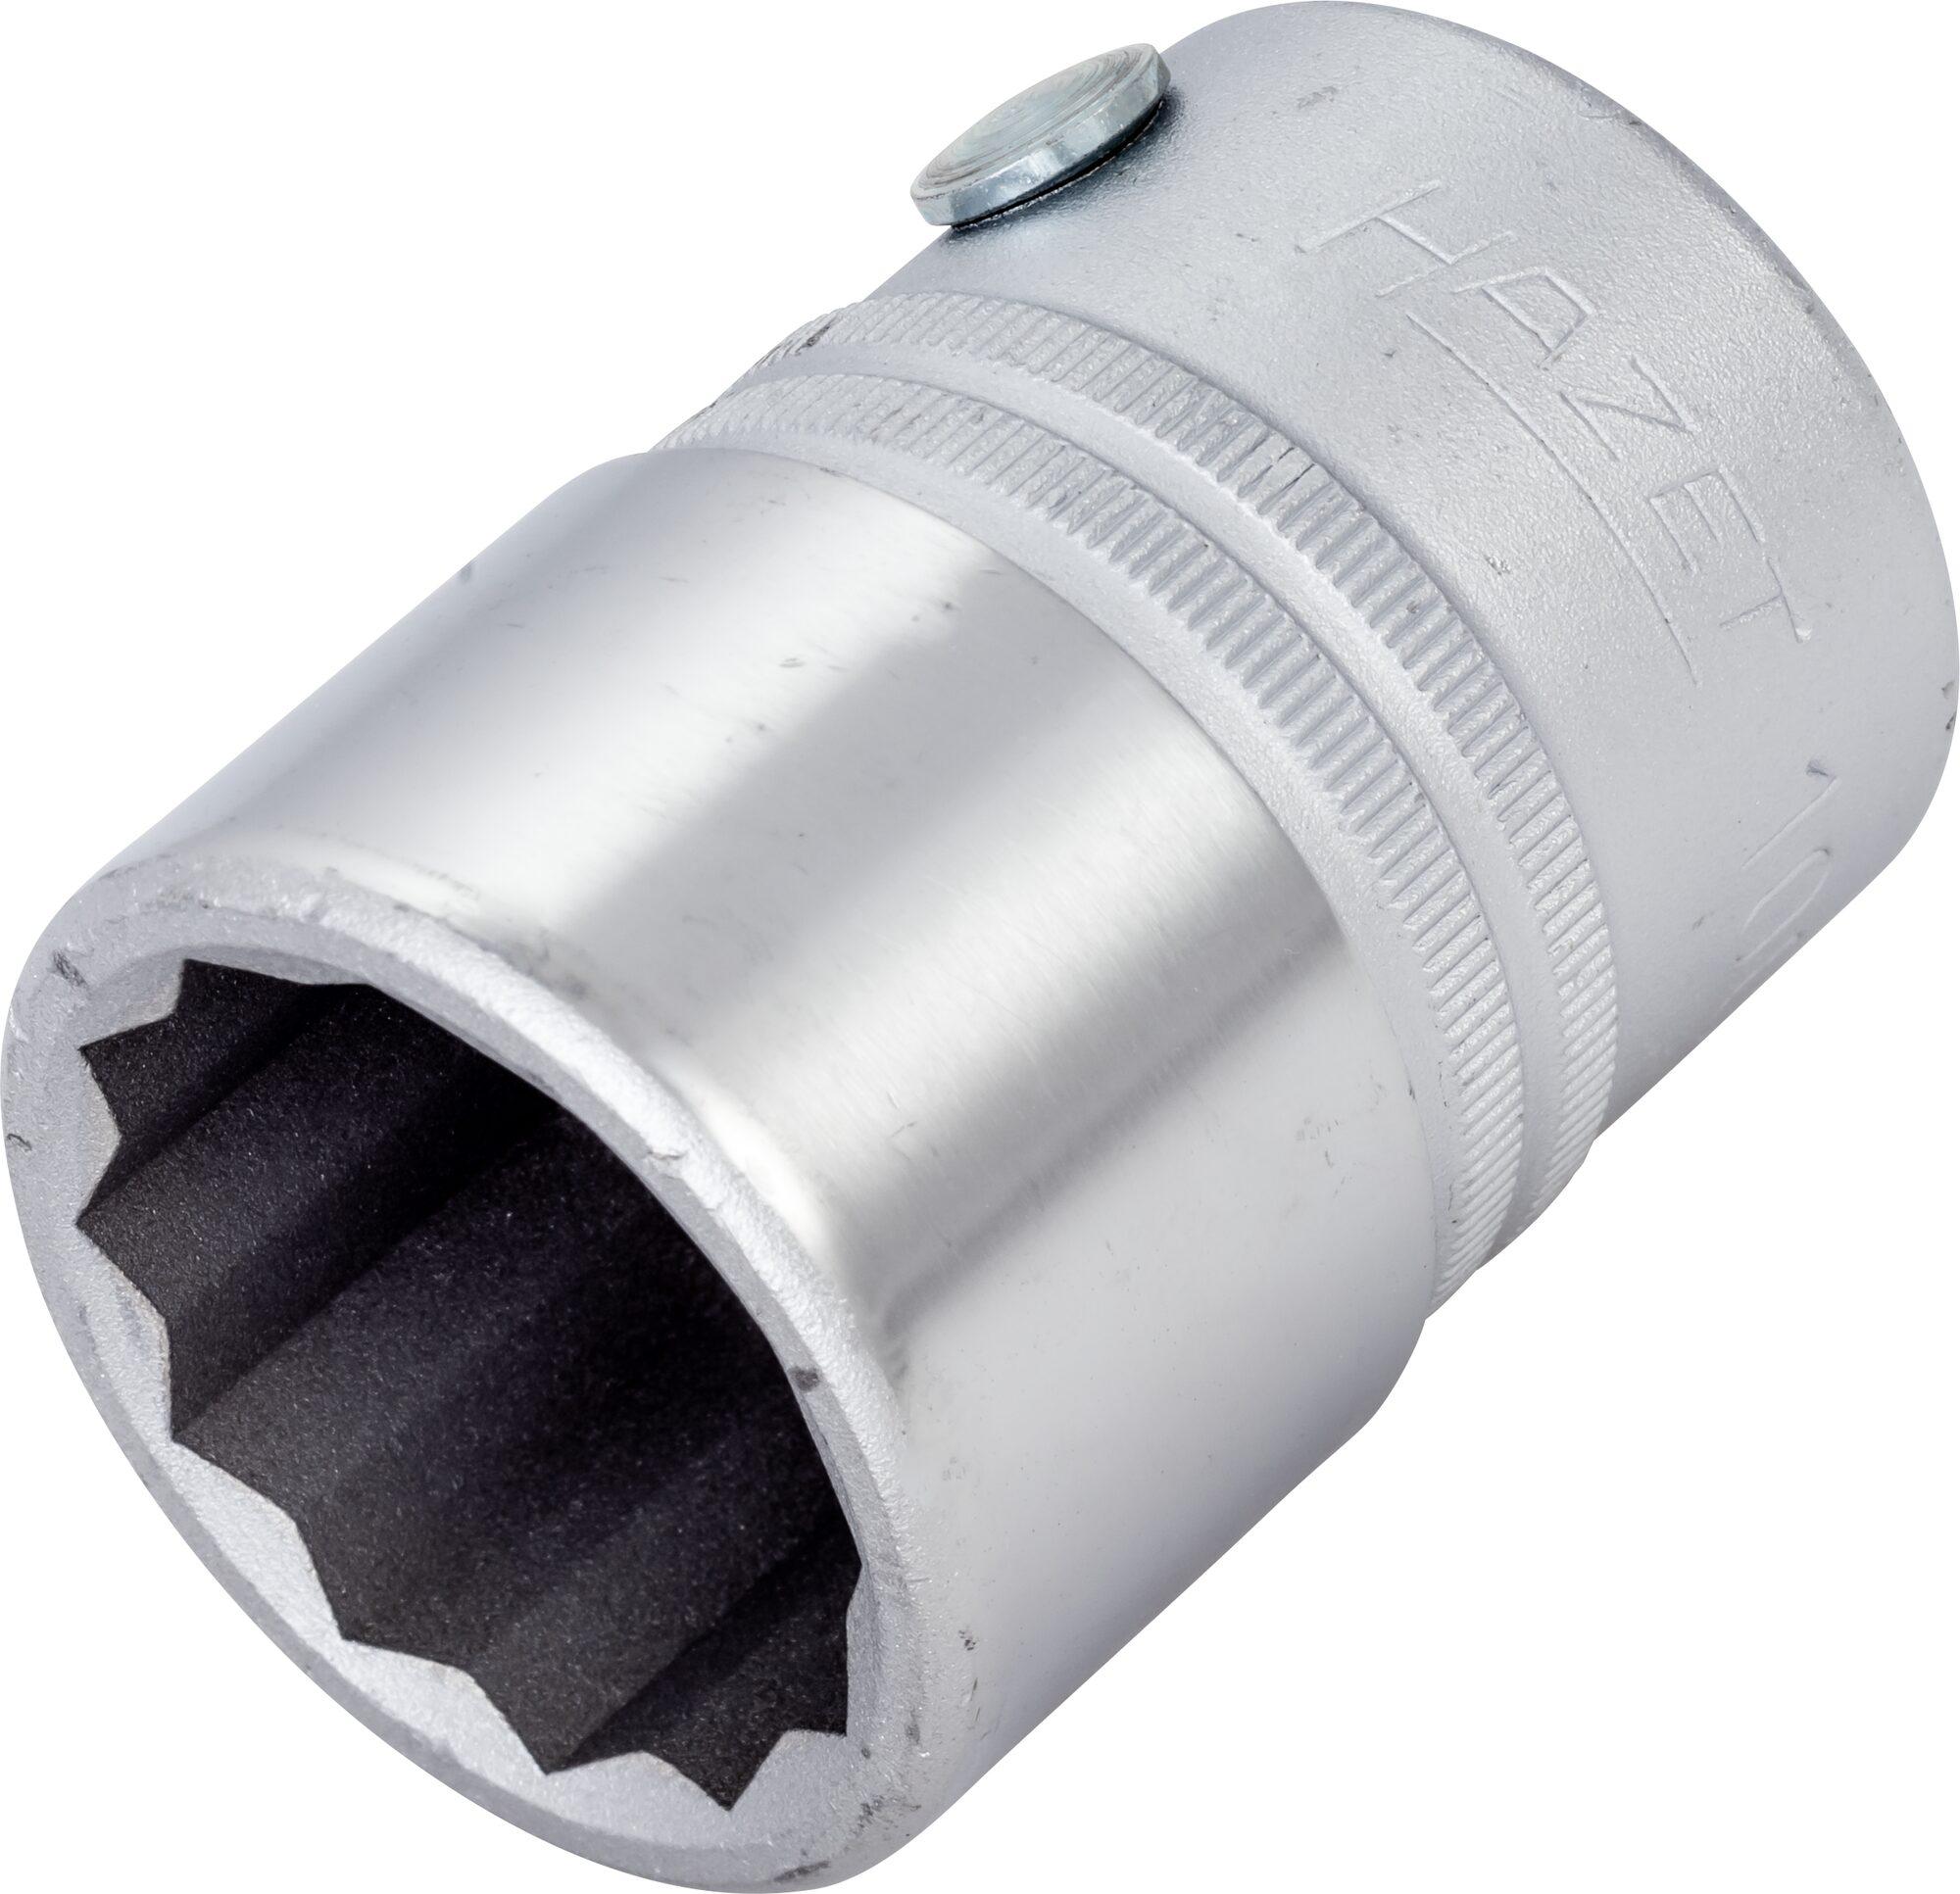 HAZET Steckschlüsseleinsatz ∙ Doppelsechskant 1000Z-27 ∙ Vierkant hohl 20 mm (3/4 Zoll) ∙ 27 mm